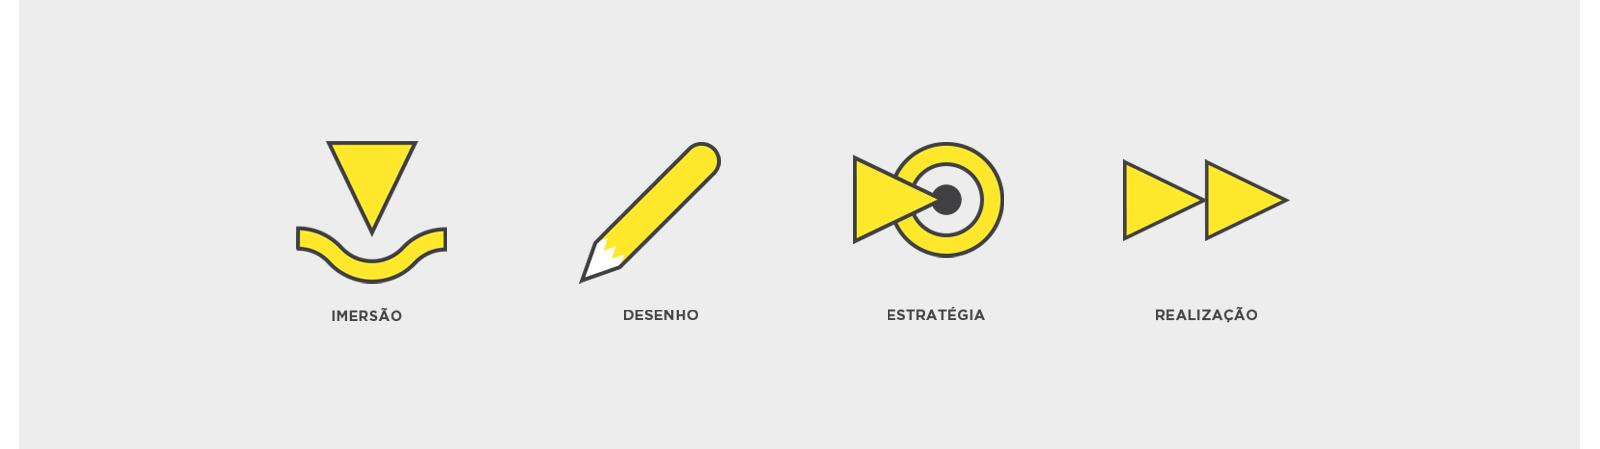 amarelo_content_03